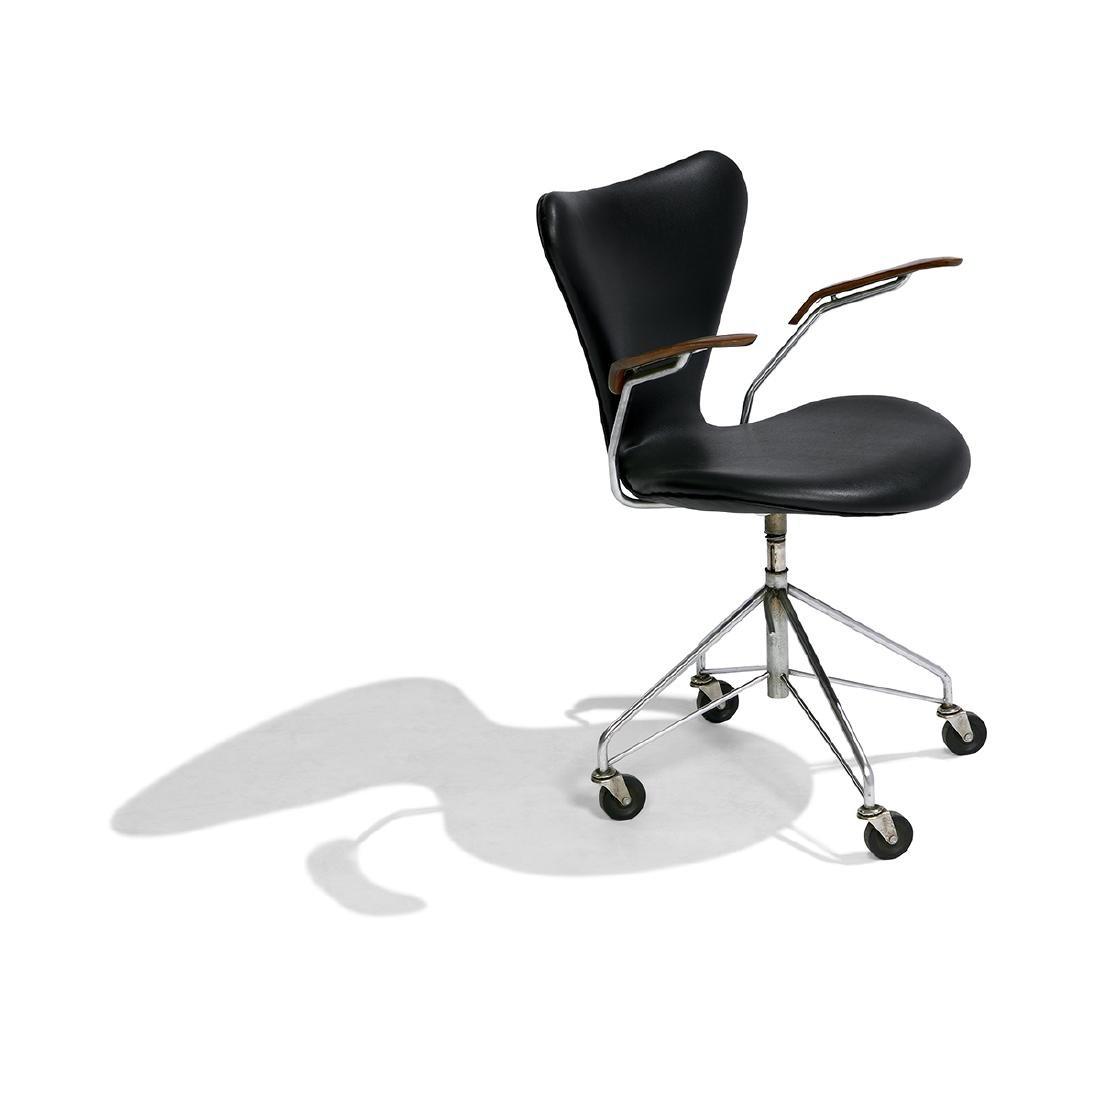 Arne Jacobsen for Fritz Hansen Sevener desk chair